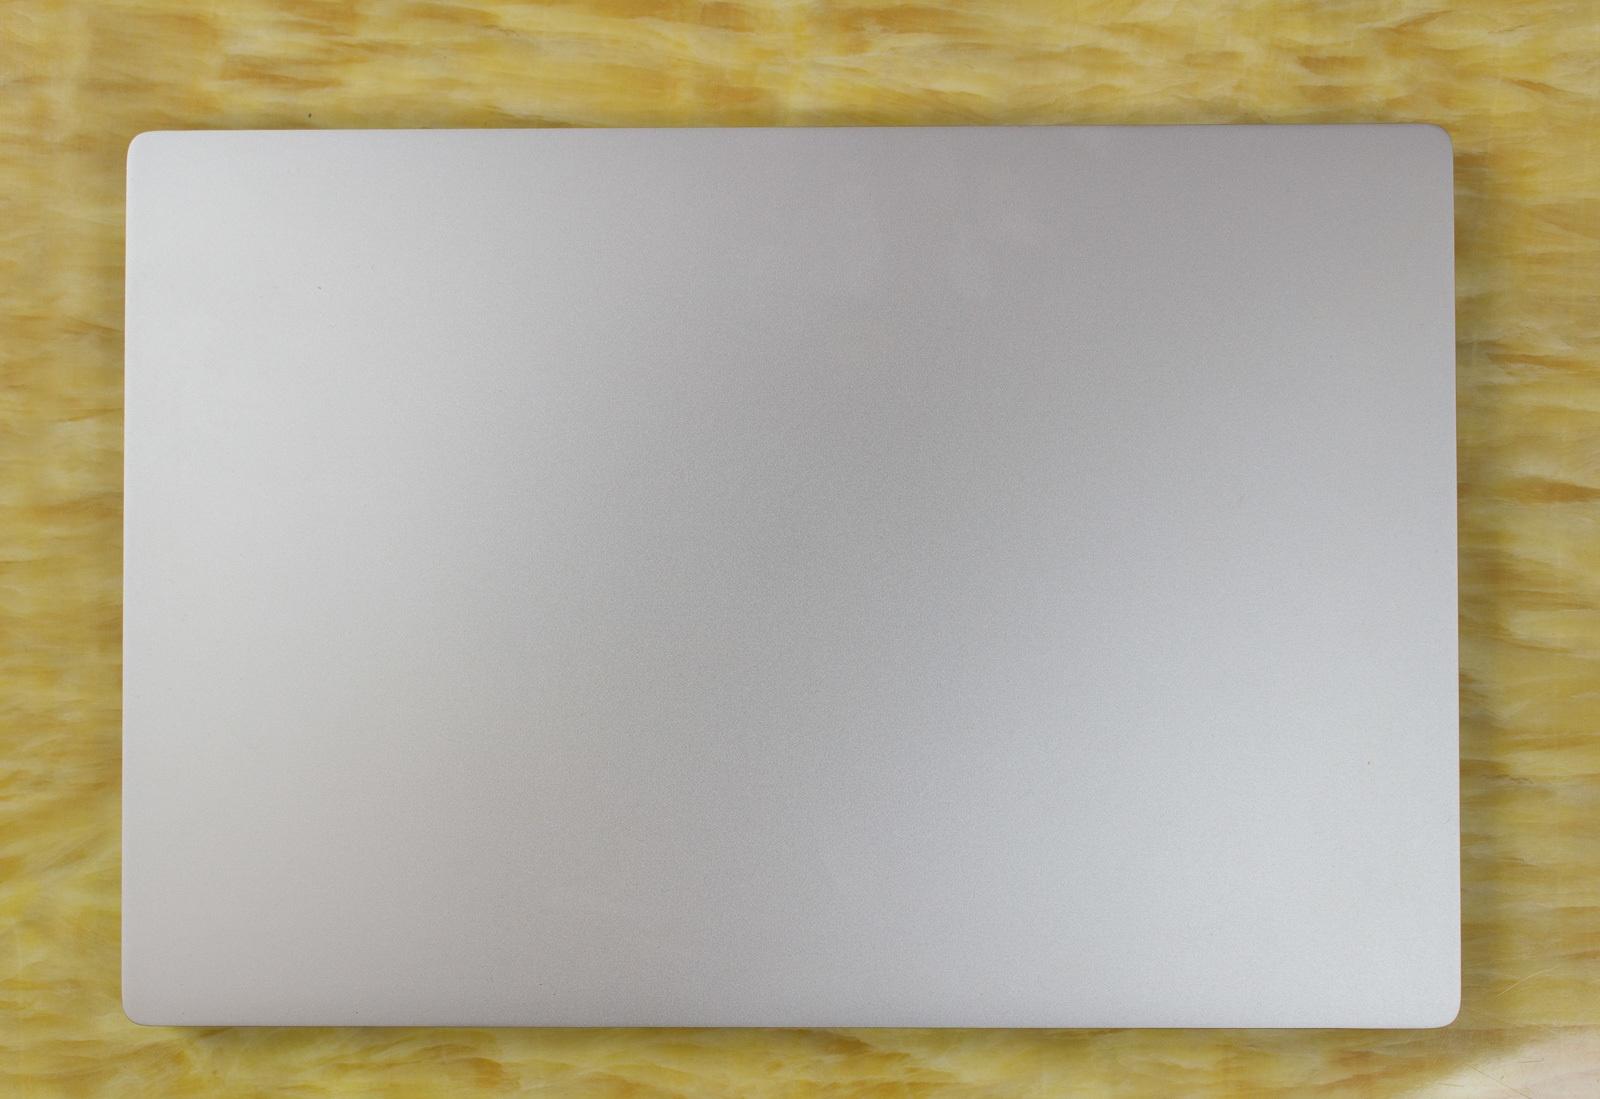 Xiaomi Mi Air 13 Laptop — еще один отличный китайский ноутбук, совершенно непохожий на Macbook - 3